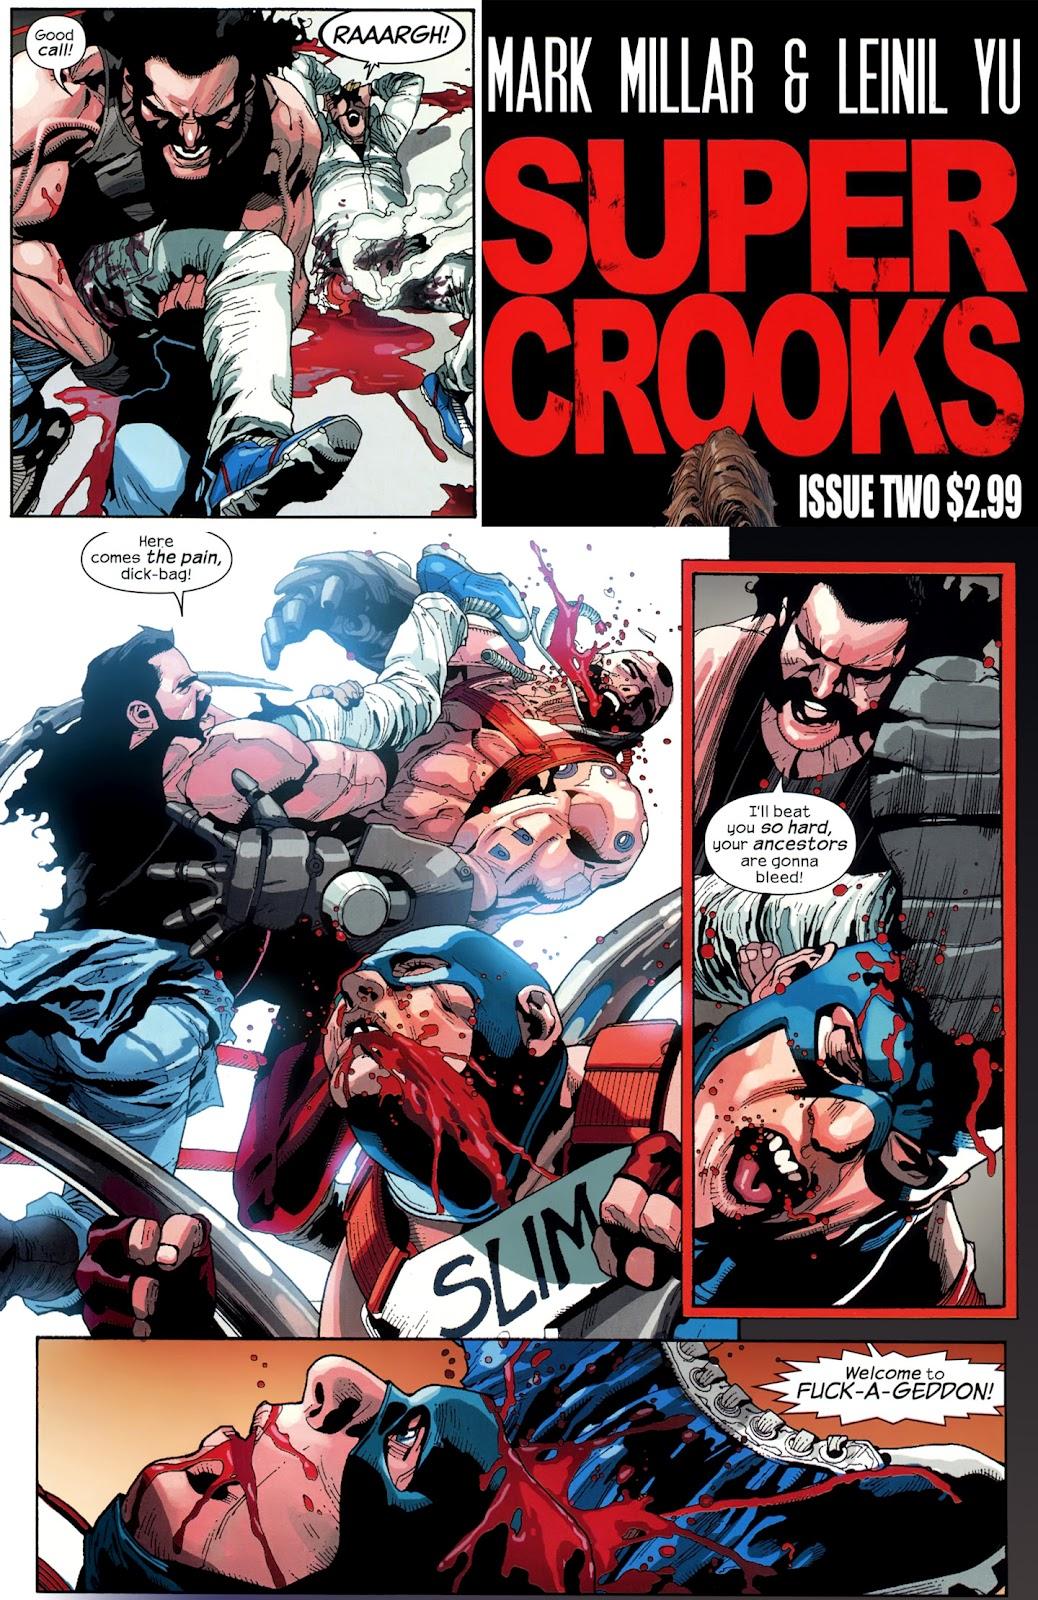 Supercrooks Pics, Comics Collection